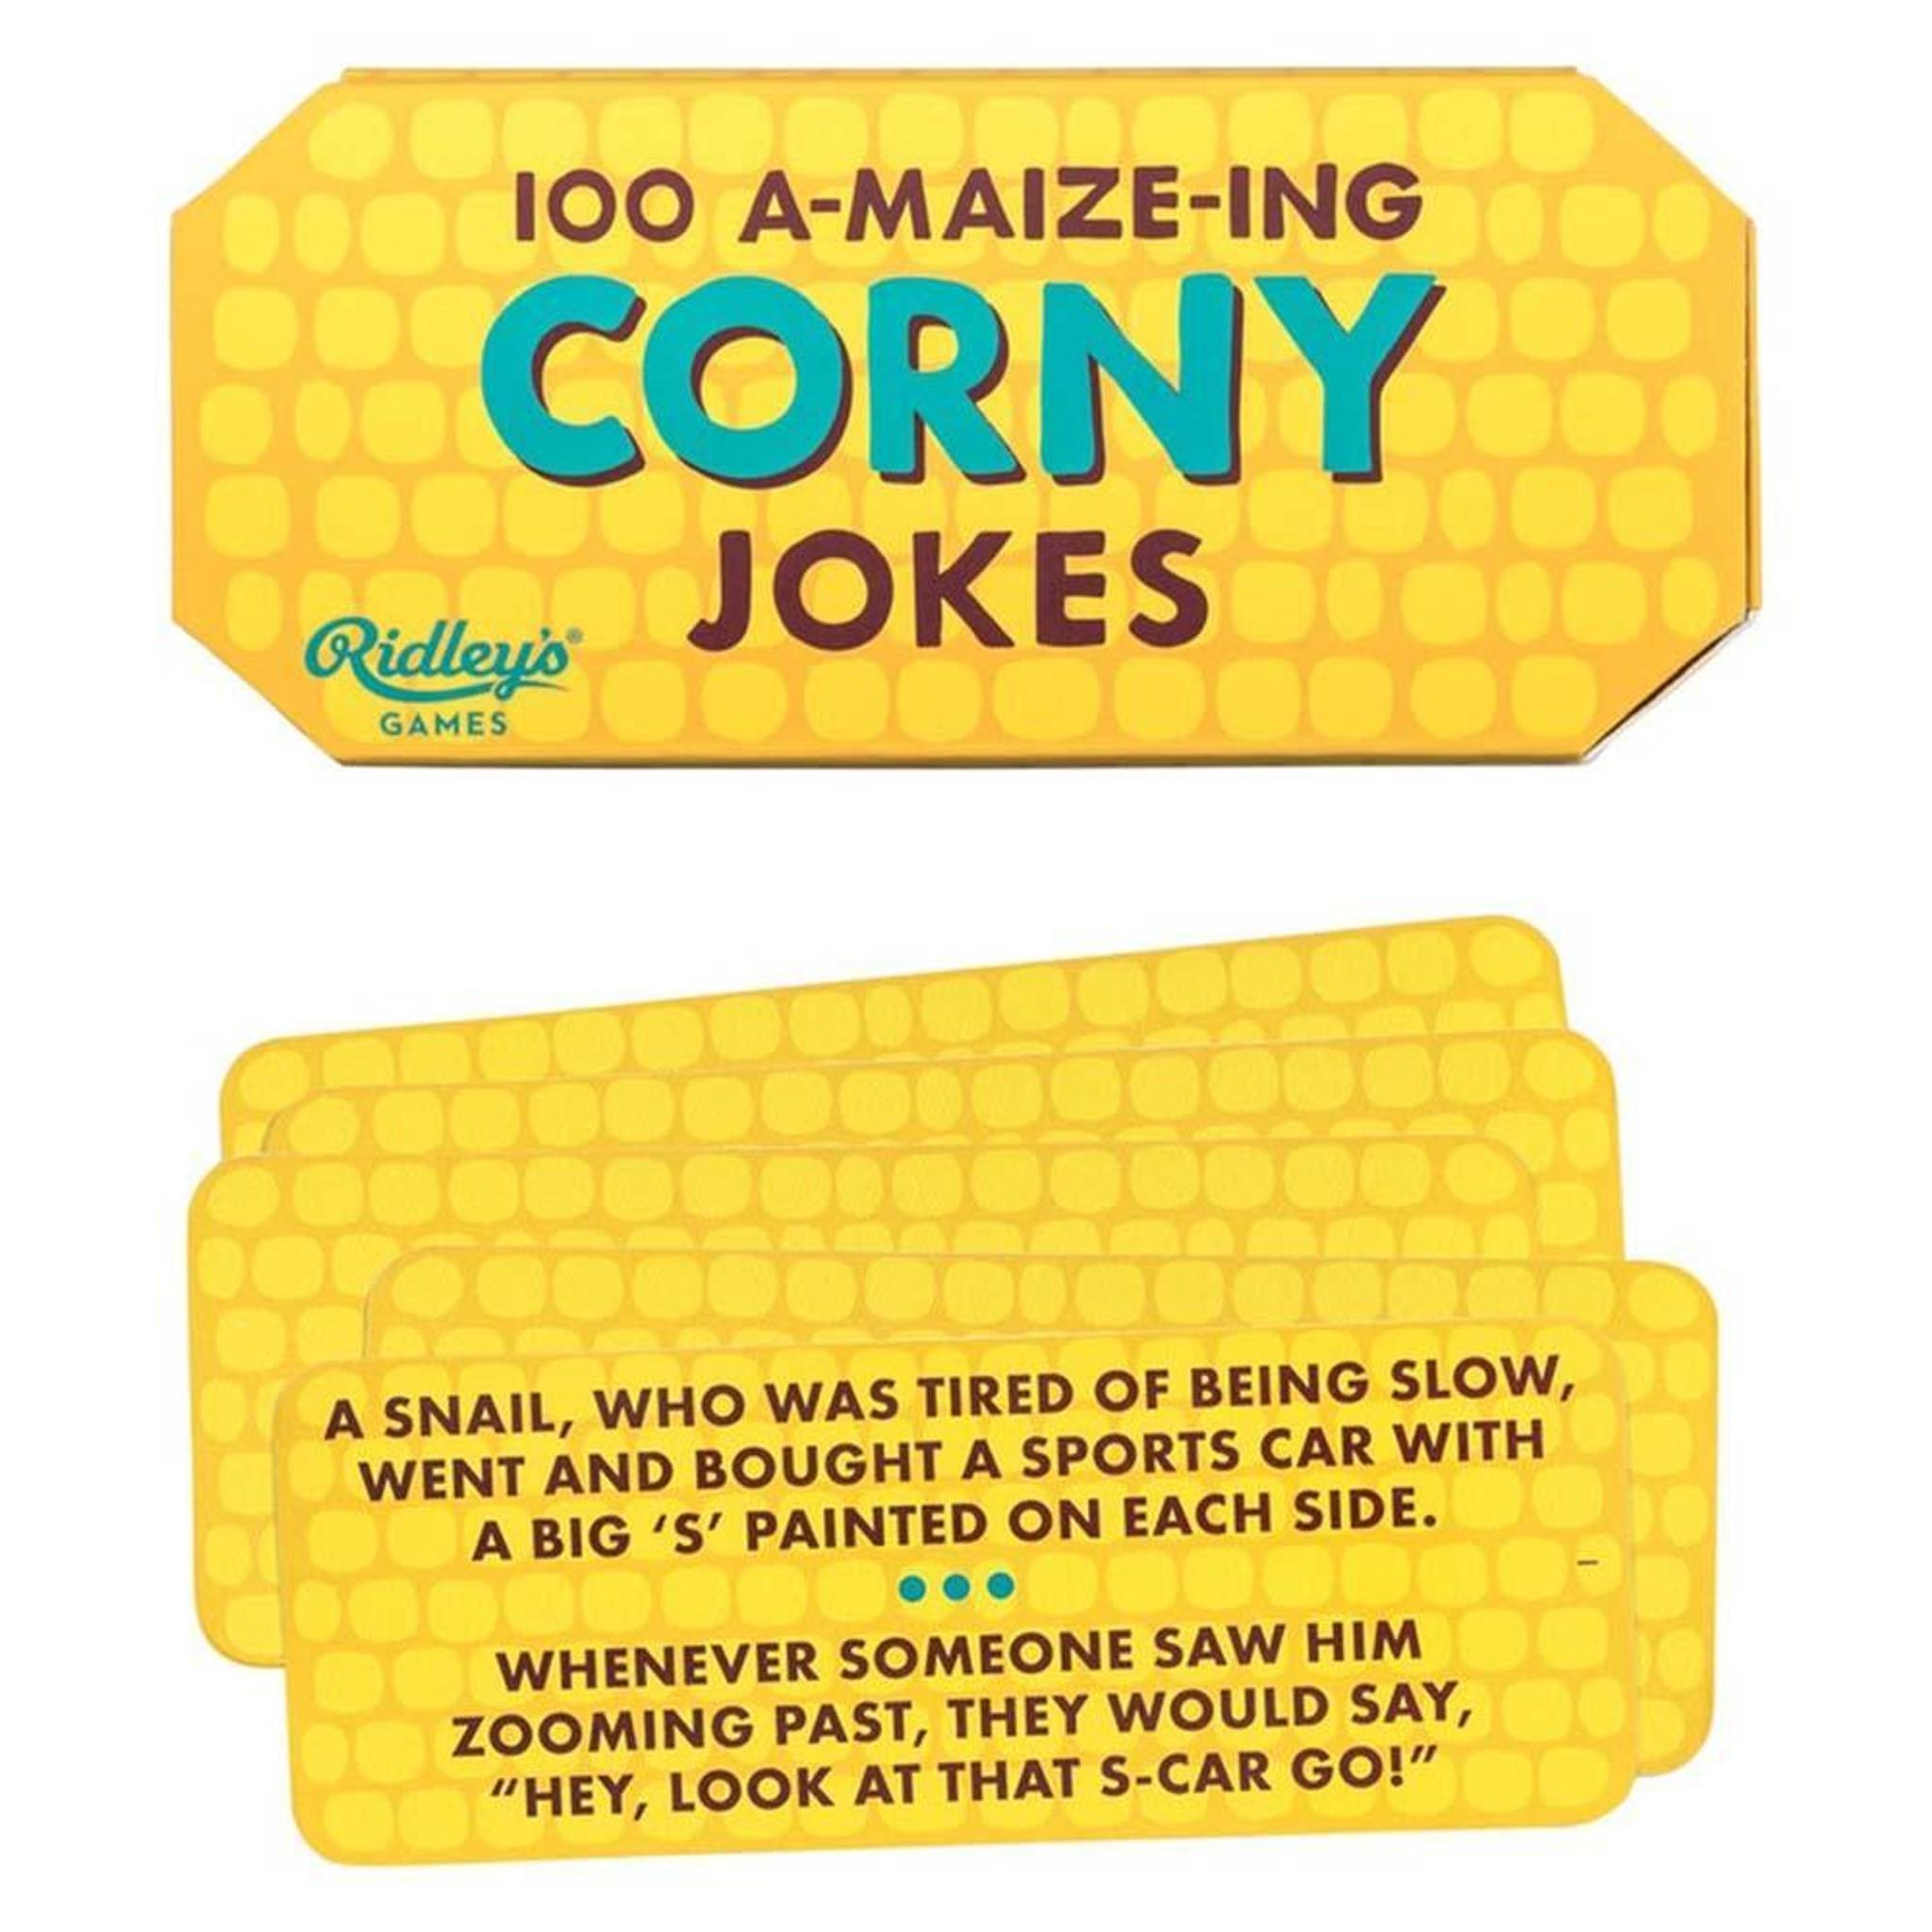 100 A-MAIZE-ING CORNY JOKES